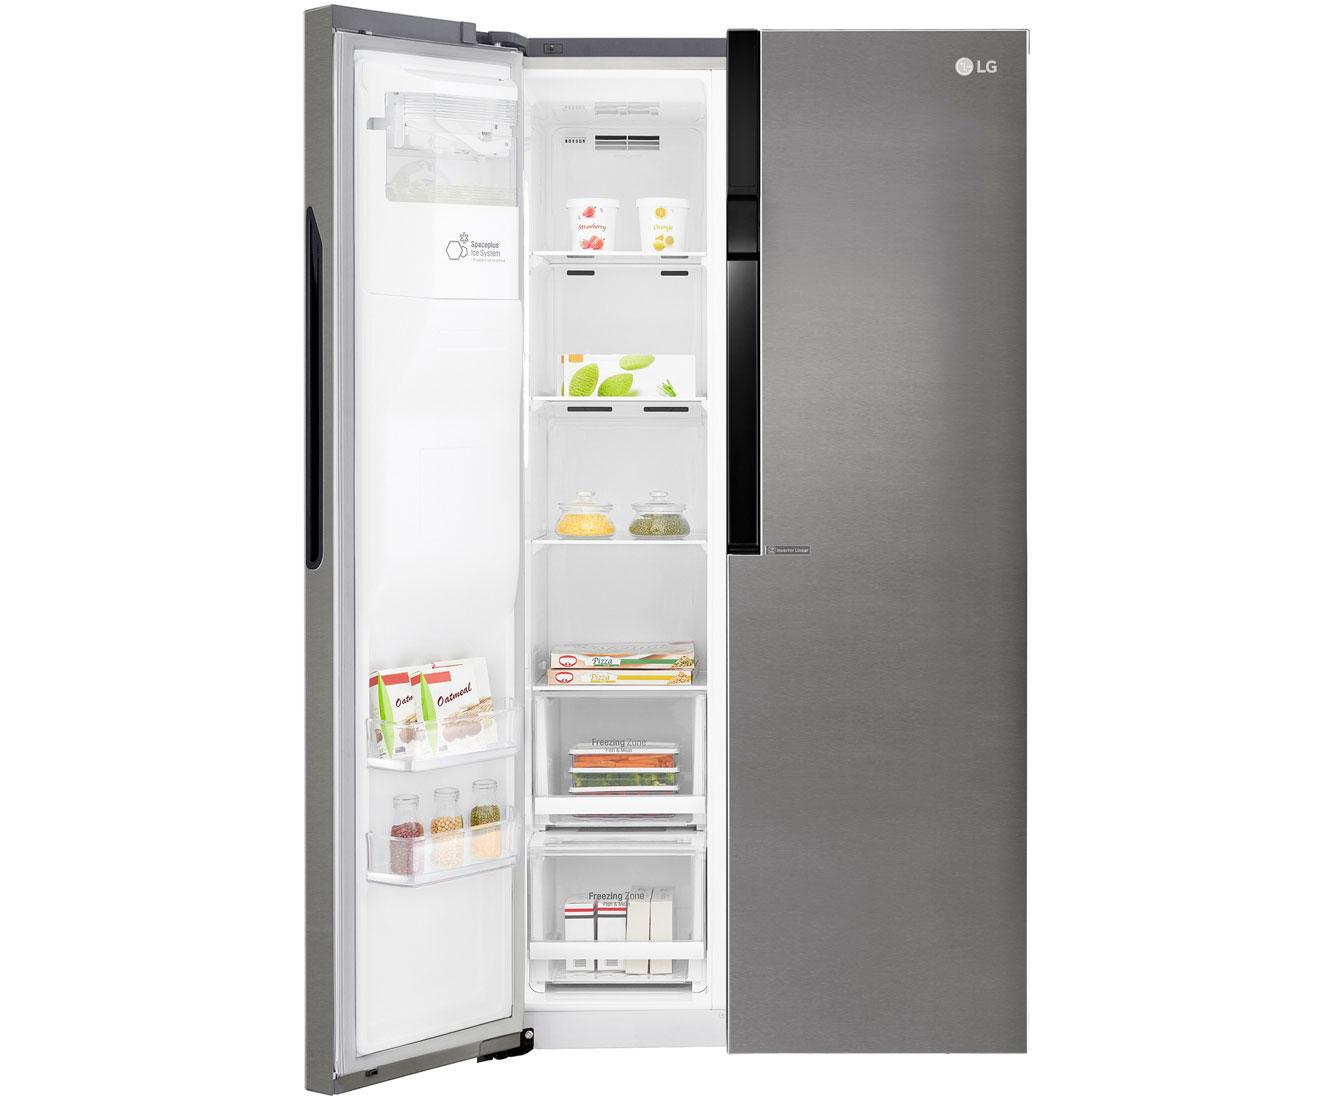 Amica Kühlschrank Anschließen : Amica kühlschrank anschließen kühlschrank anschließen kühlschrank